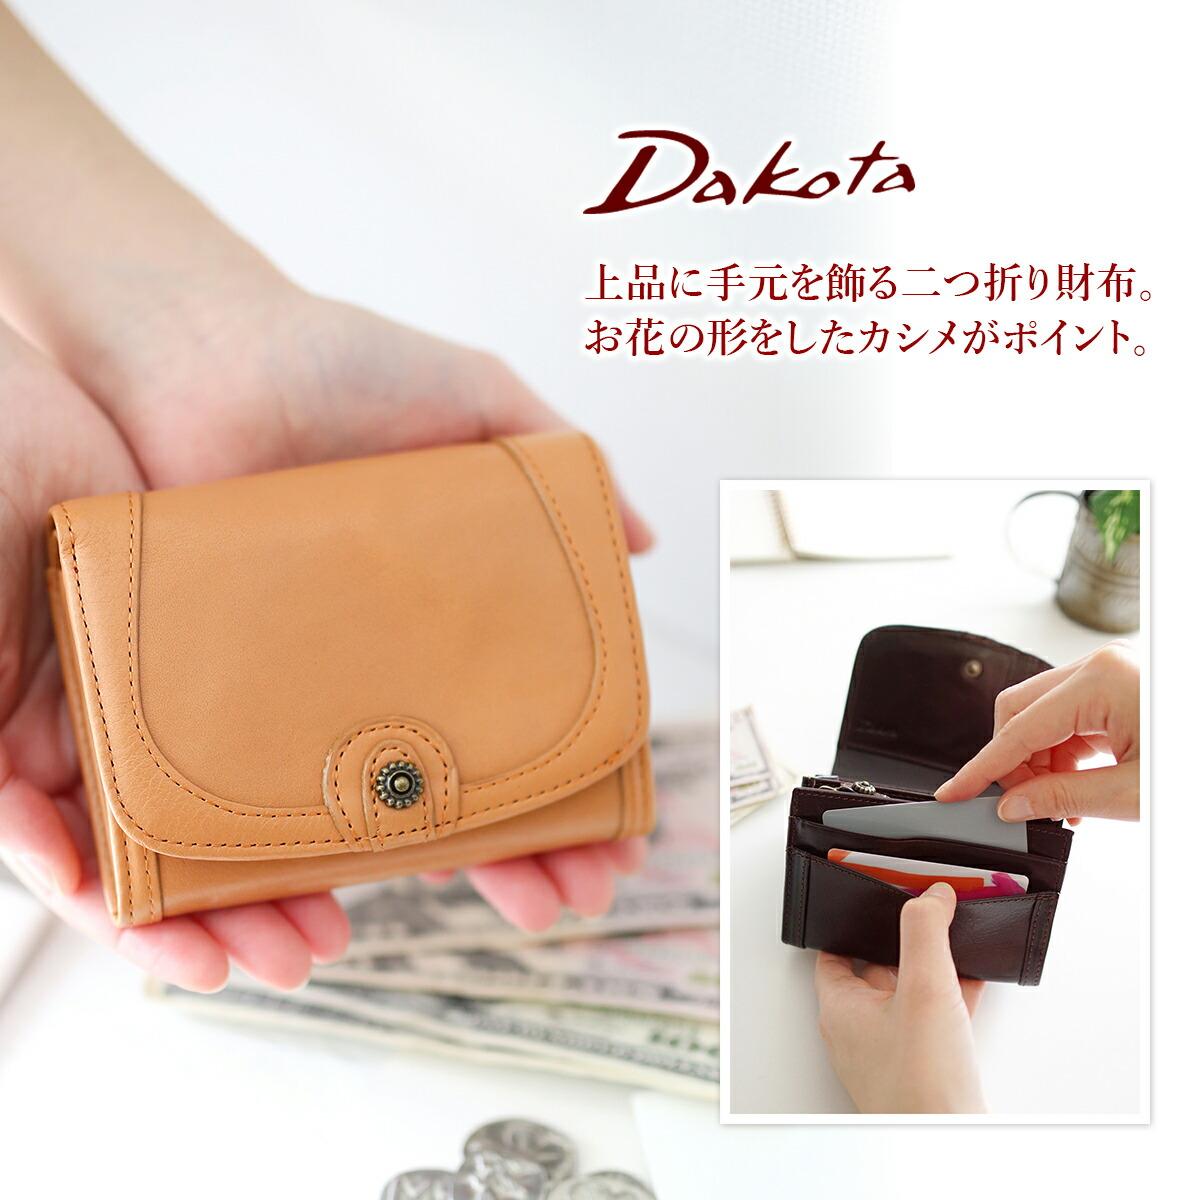 3f509a56ed1a Dakota(ダコタ) リードクラシック小銭入れ付き二つ折り財布 0030023(0036206)(0030006)  キッチリとしたデザインとイタリアンレザーが特徴的な2つ折りウォレット♪